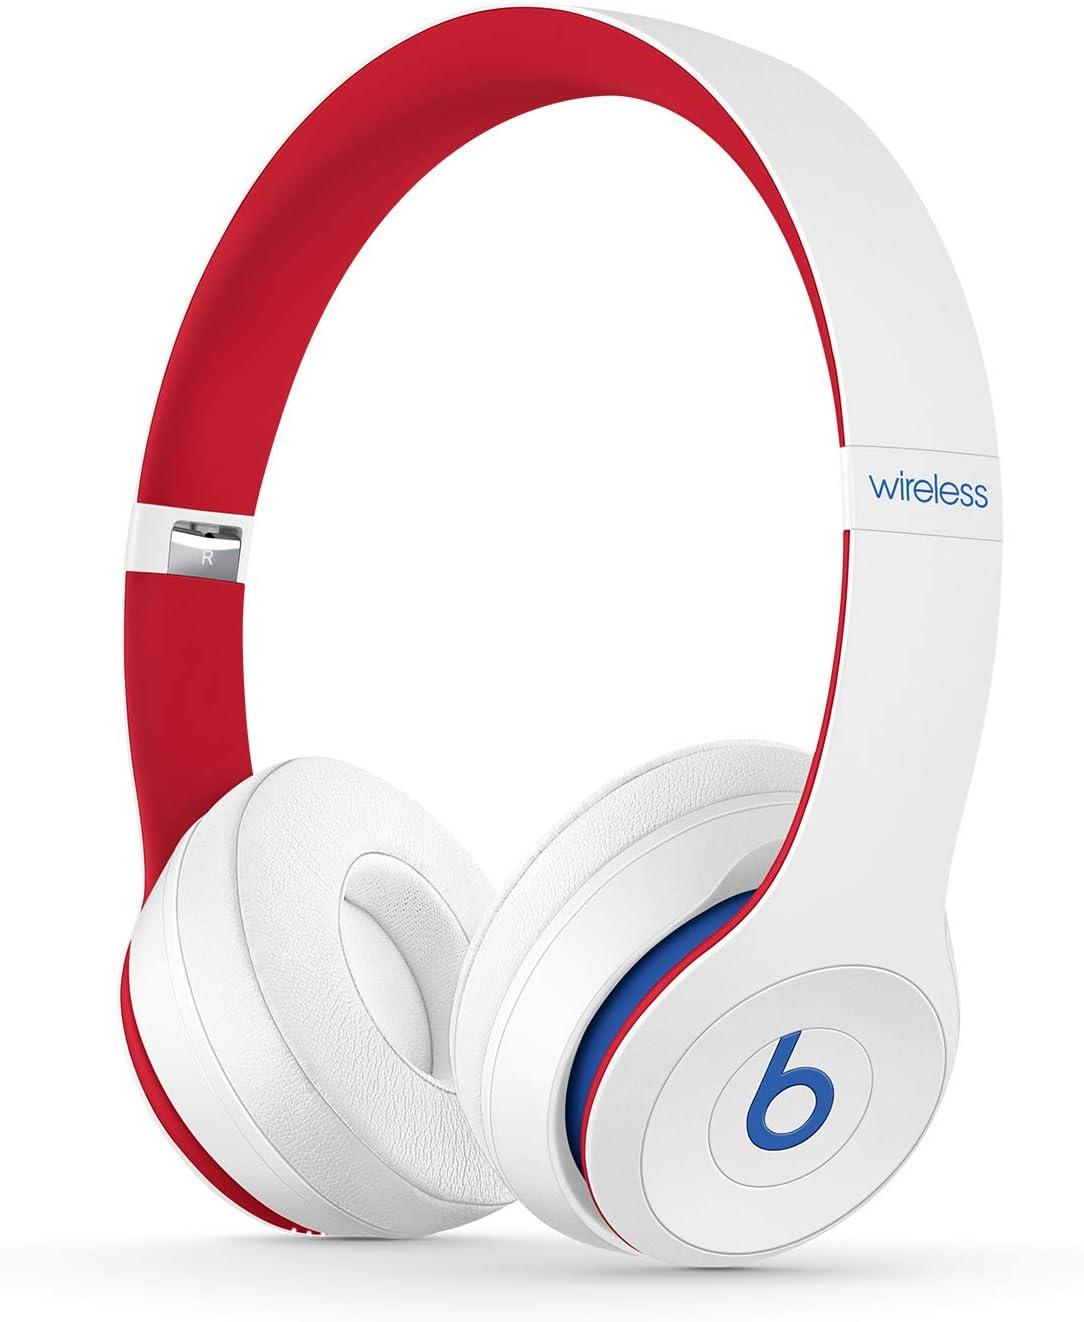 BeatsSolo3Wireless - Auriculares supraaurales - Chip Apple W1, Bluetooth de Clase1, 40horas de sonido ininterrumpido - Colección Beats Club - Club Blanco